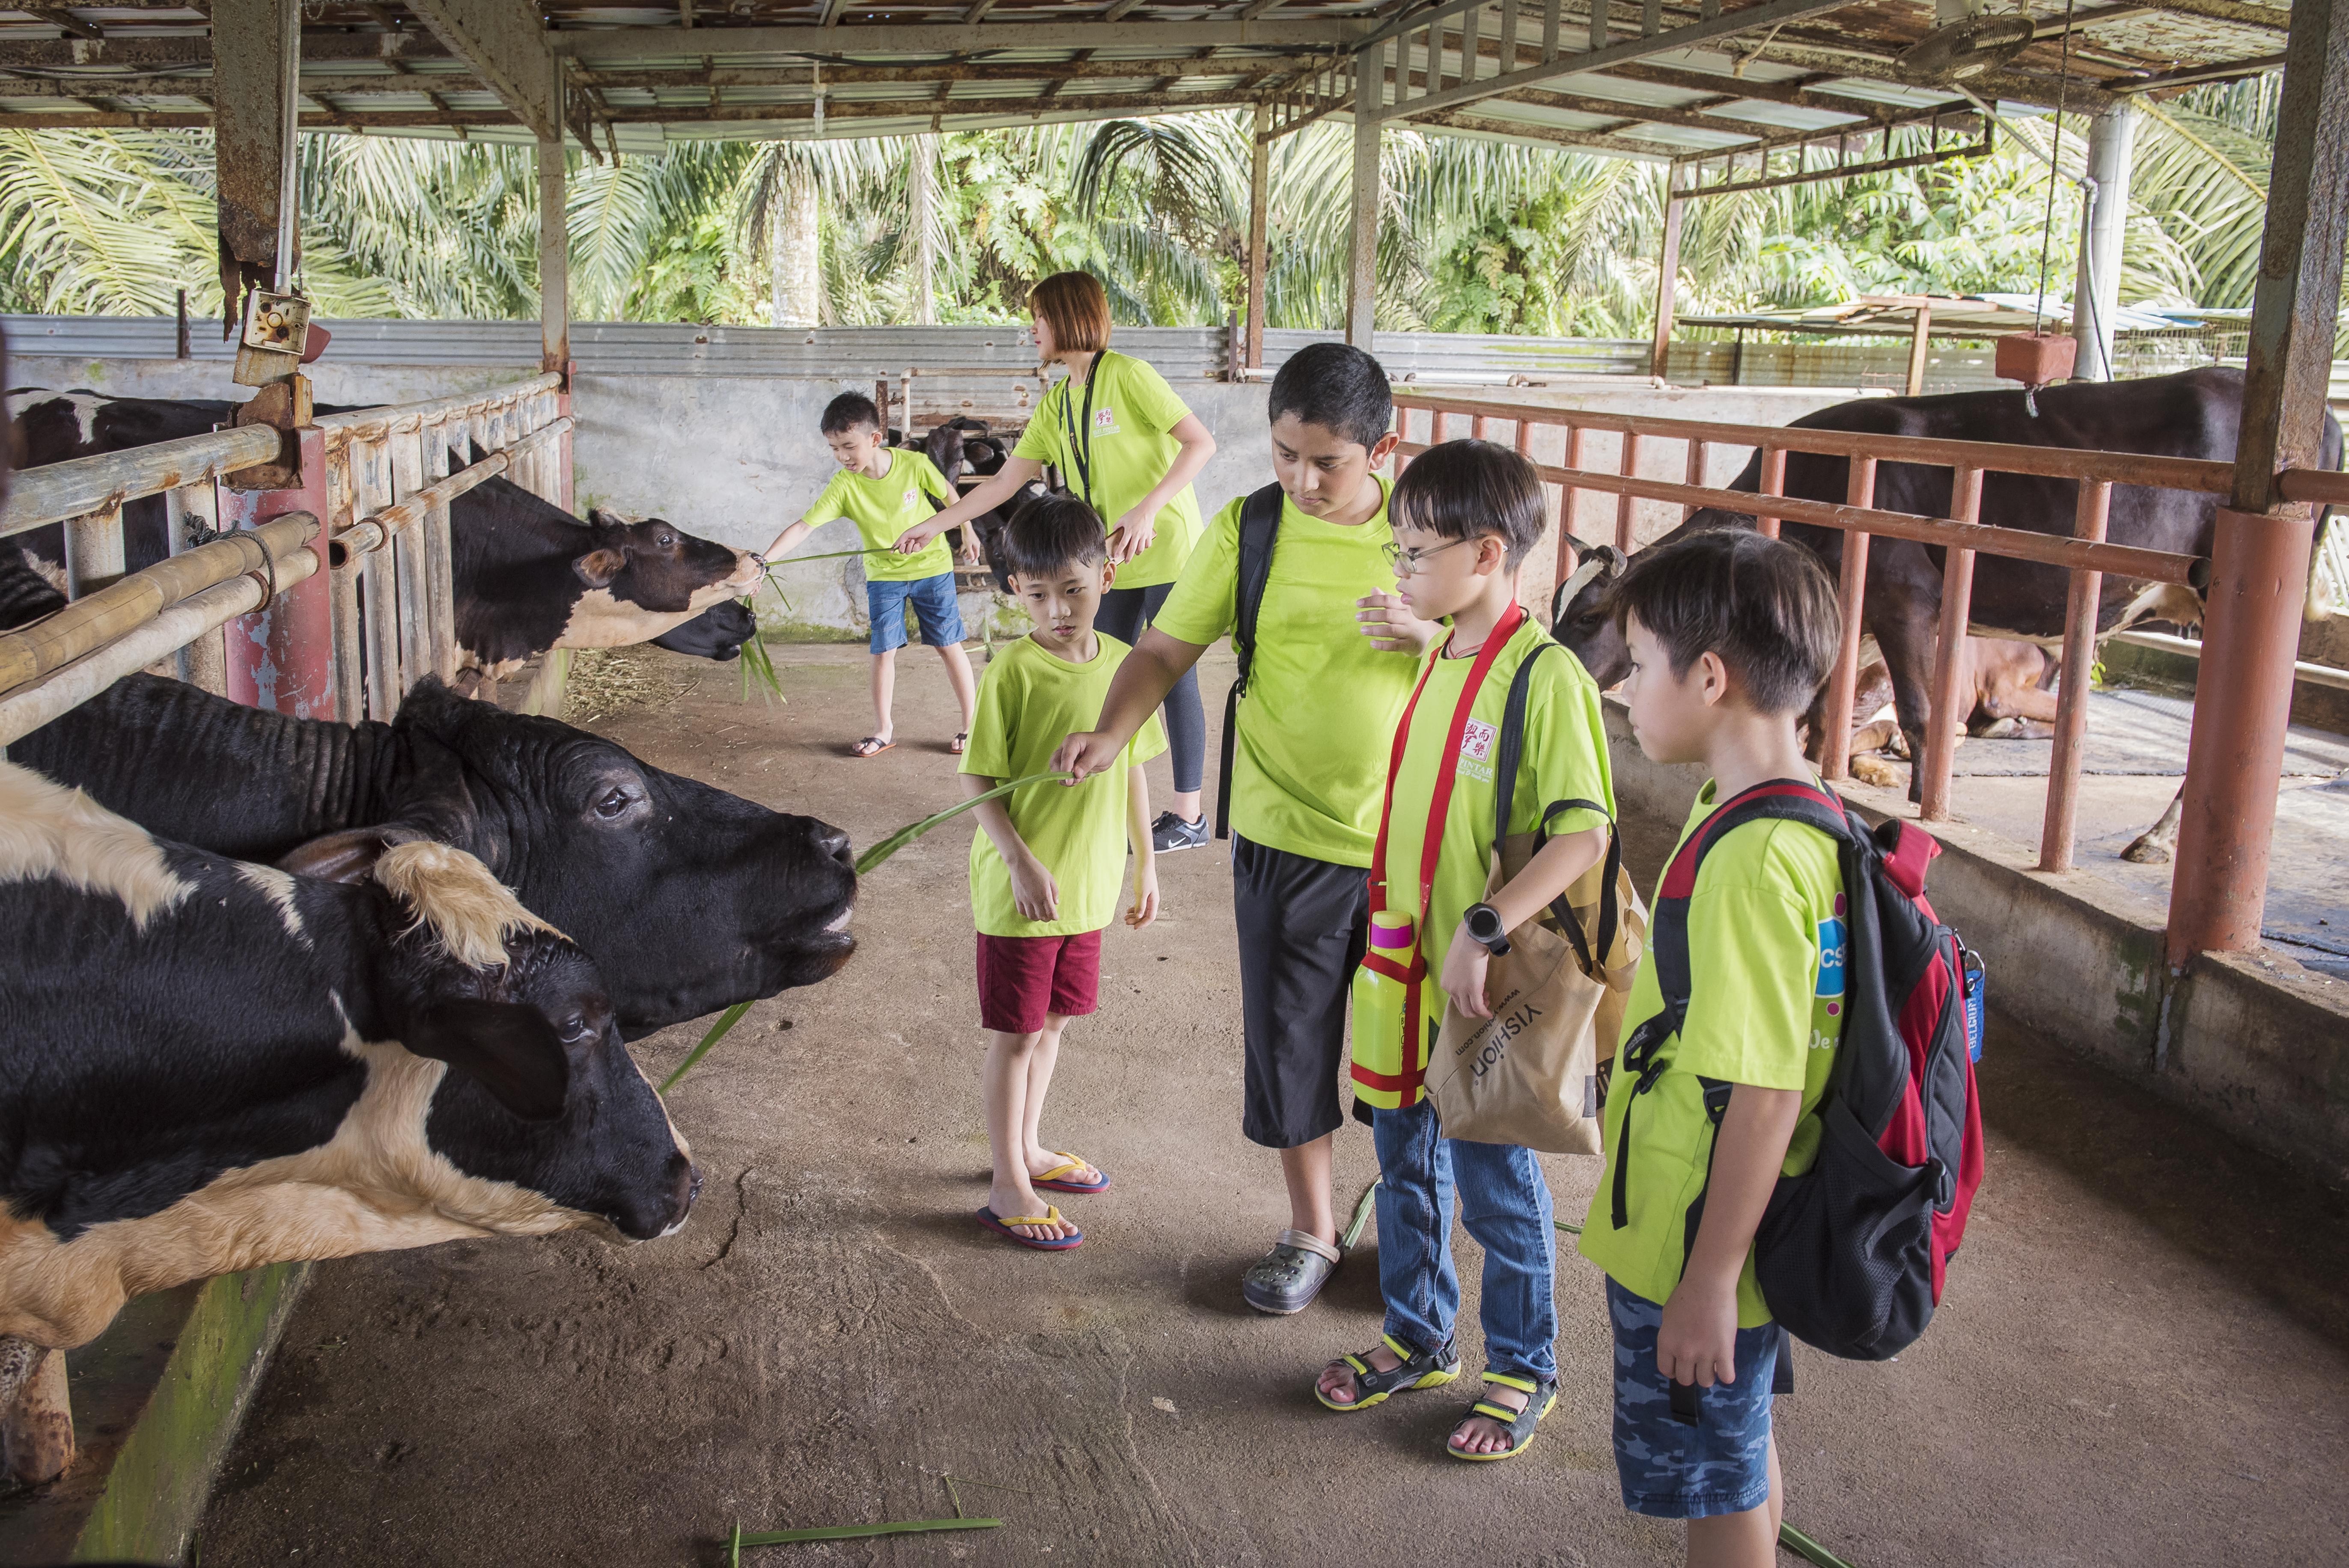 school excursion - animal encounter